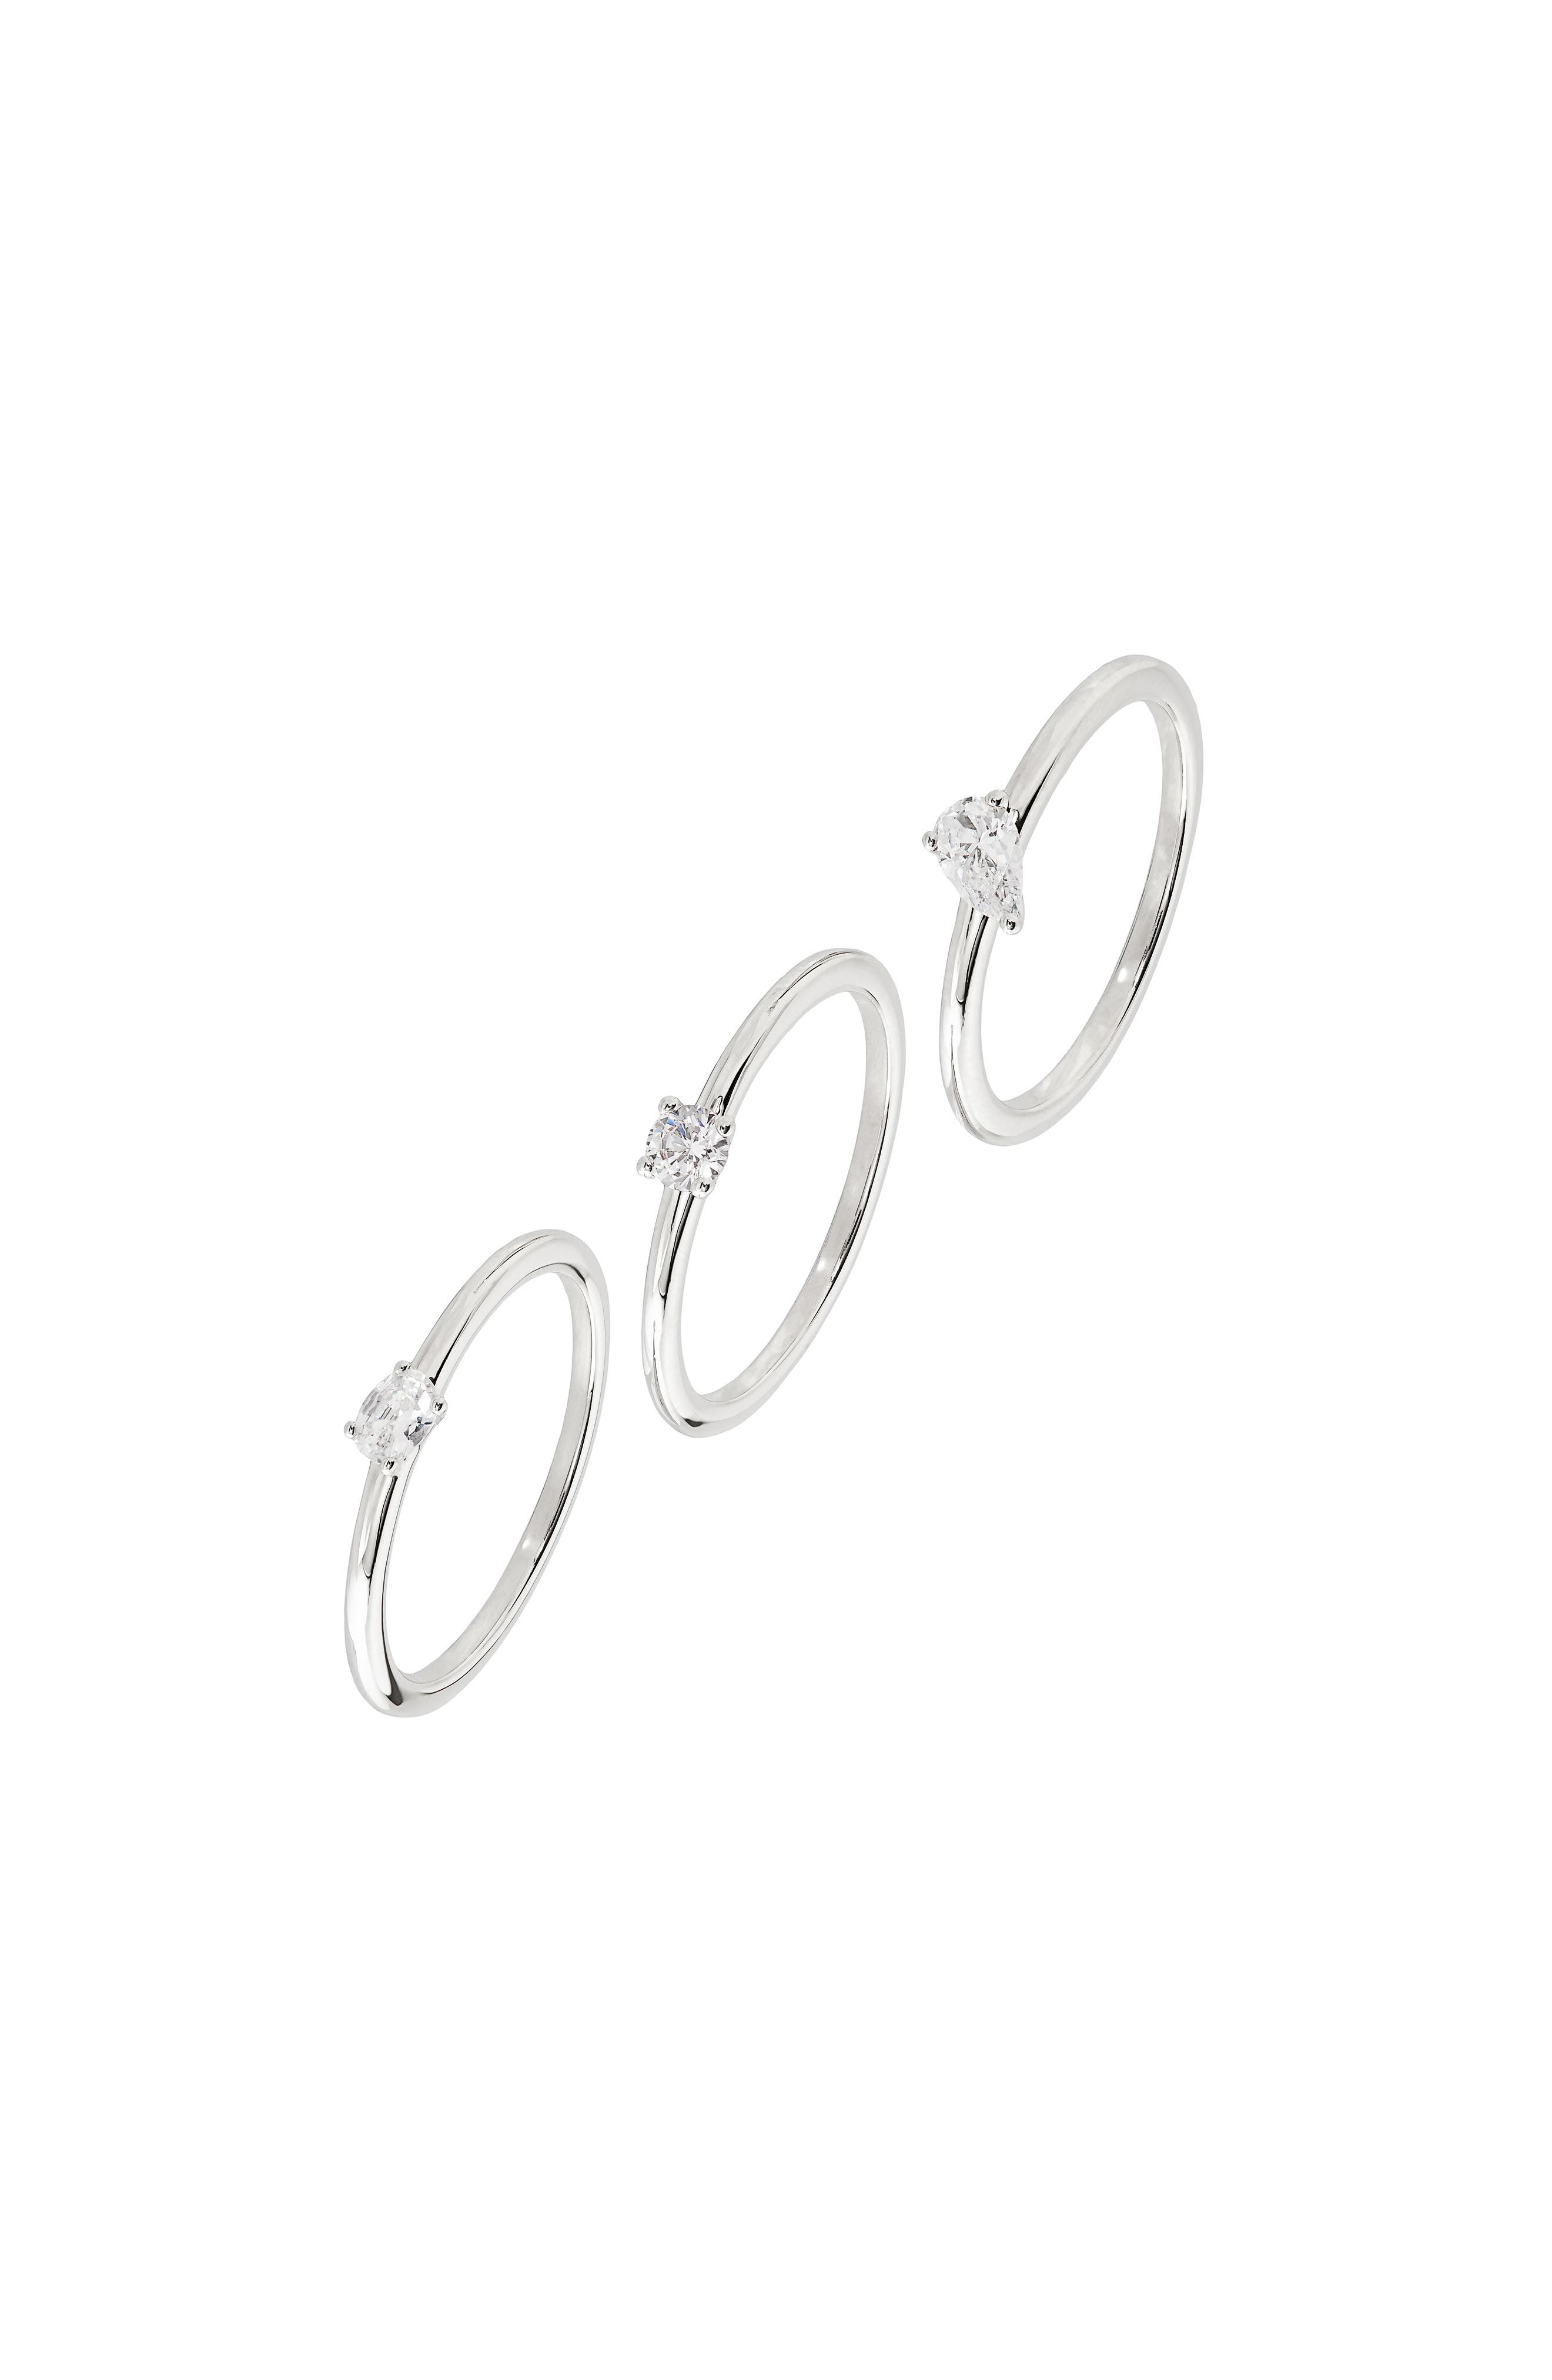 Danya Set Of 3 Cubic Zirconia Rings